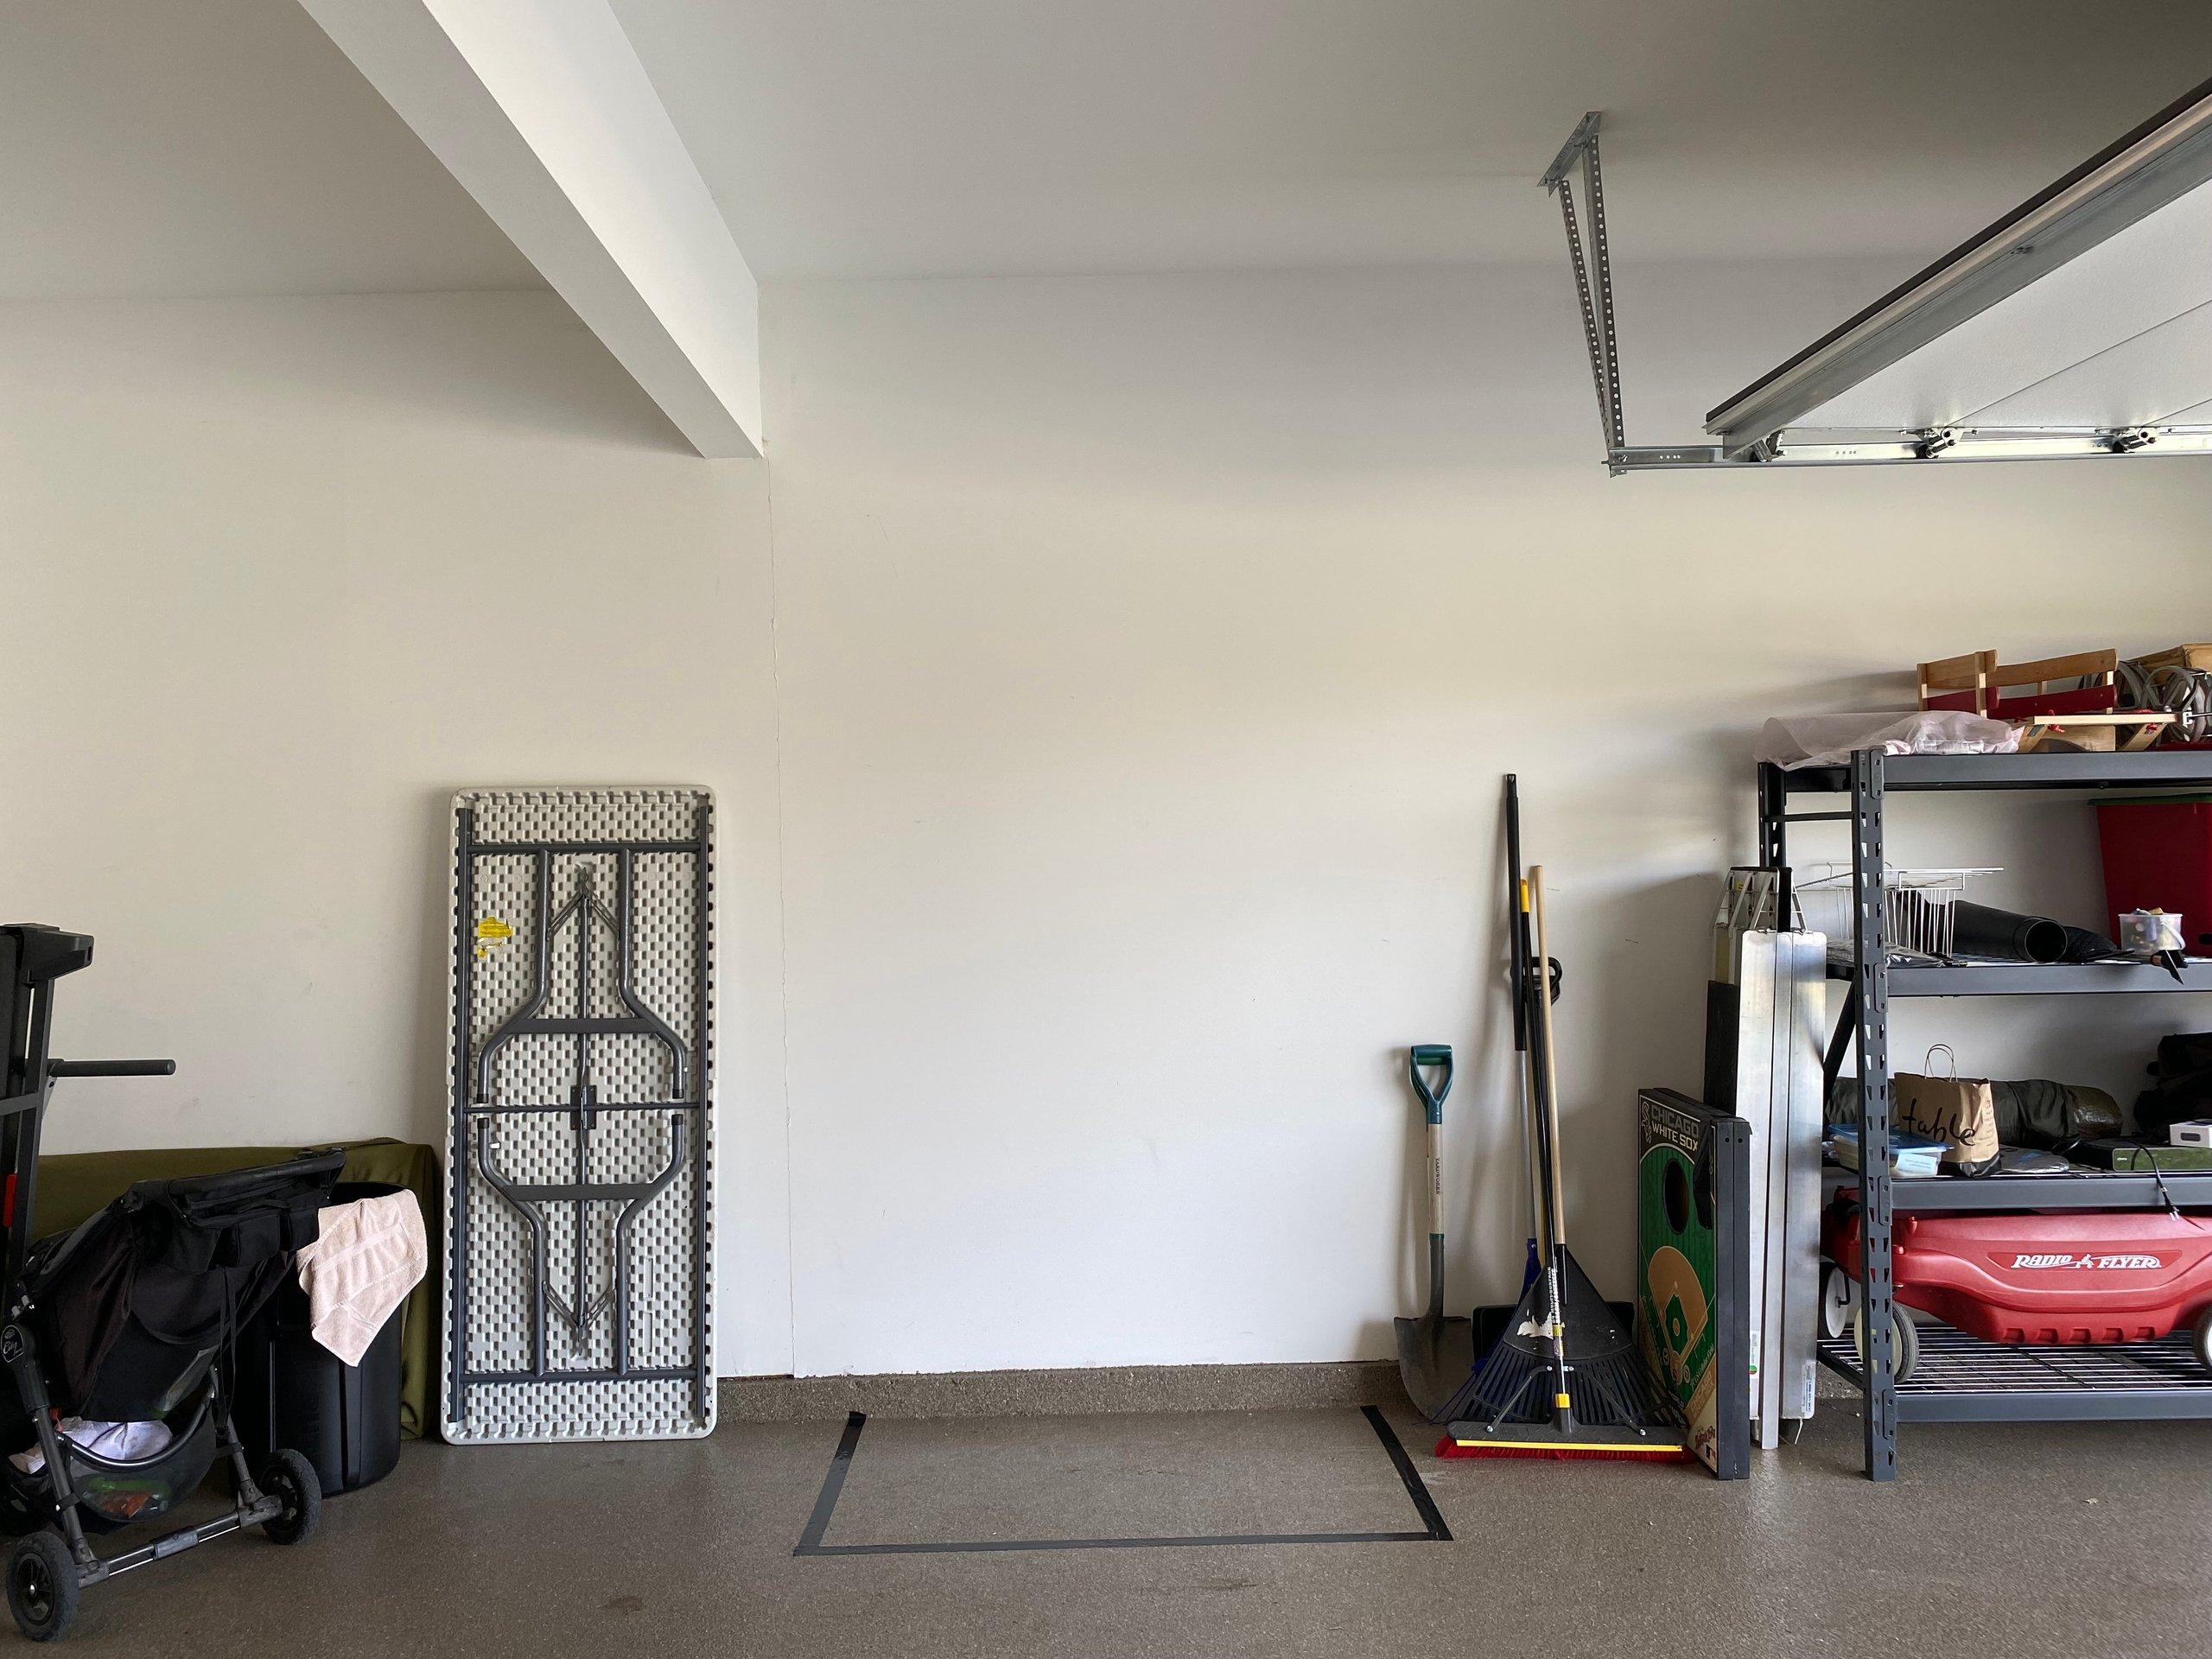 5x3 Garage self storage unit